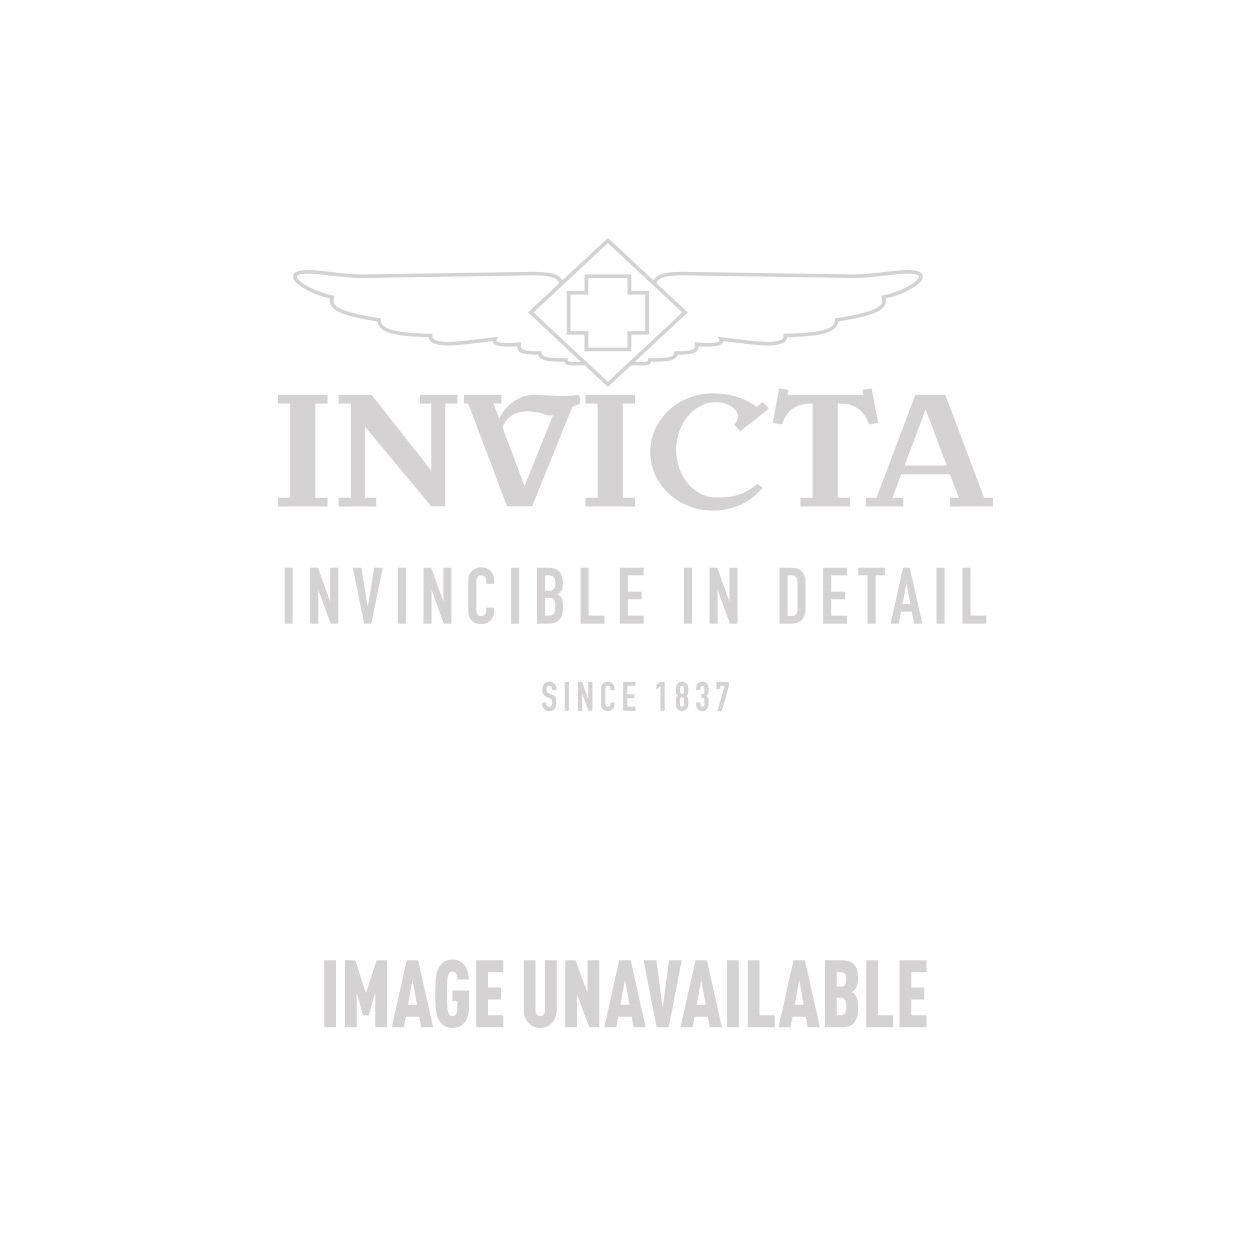 Invicta Model 28824